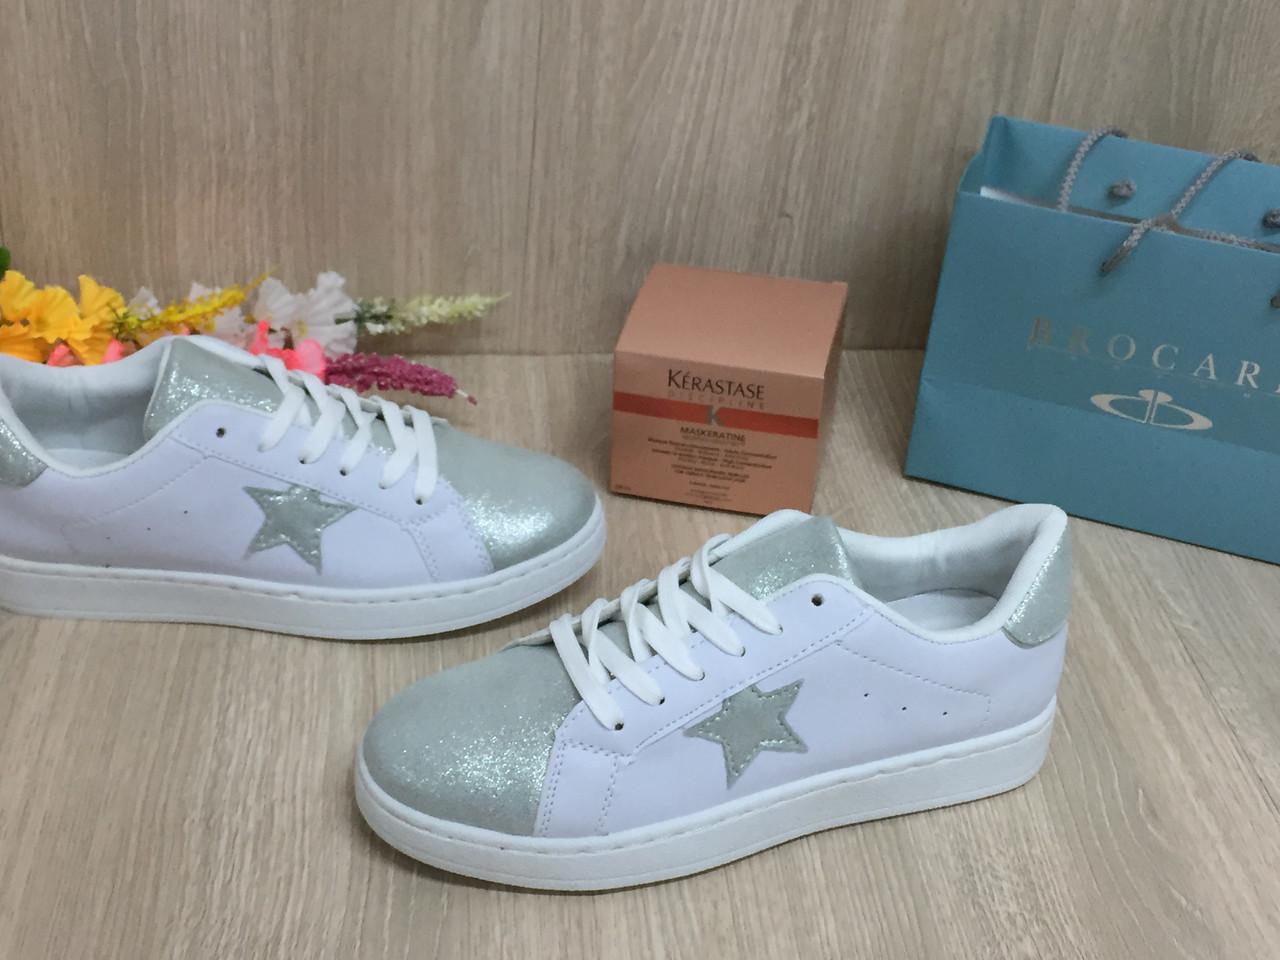 2eac4a46fe4e Стильные женские кроссовки   продажа, цена в Хмельницком. кроссовки ...